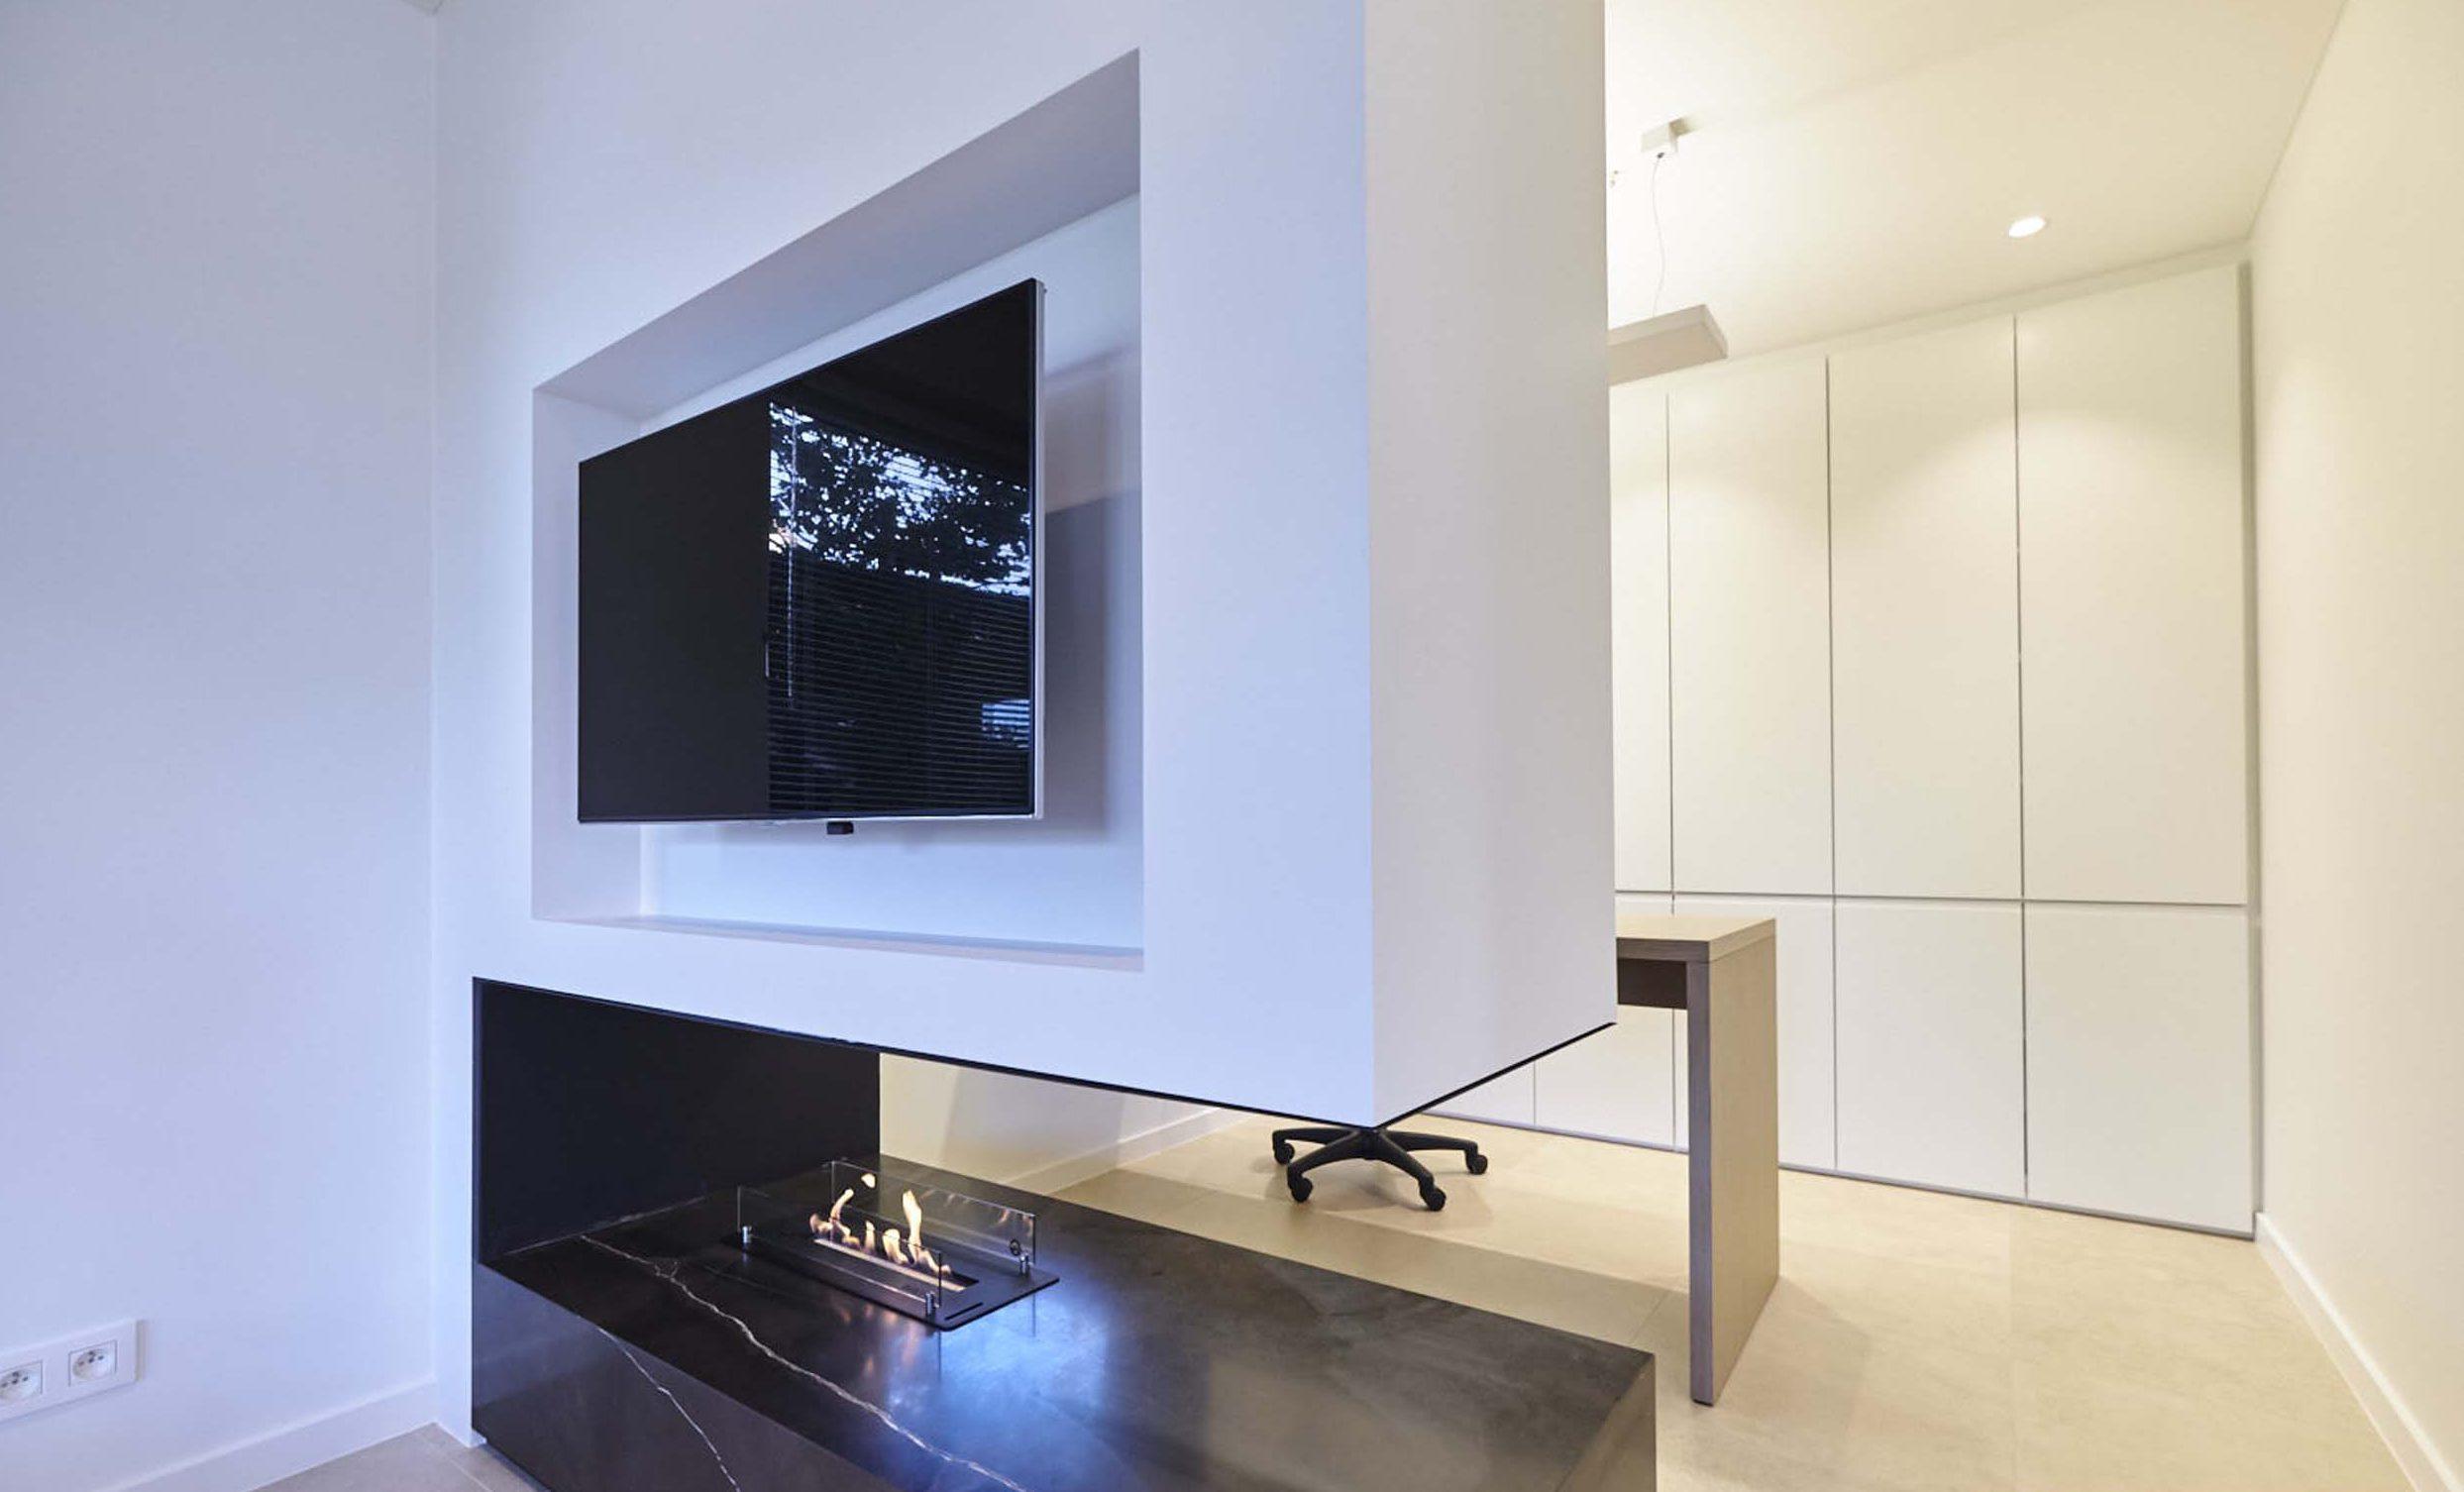 Vanda-projects-interieurinrichting-meubelmakerij-oost-vlaanderen-riem-tv-inrichting